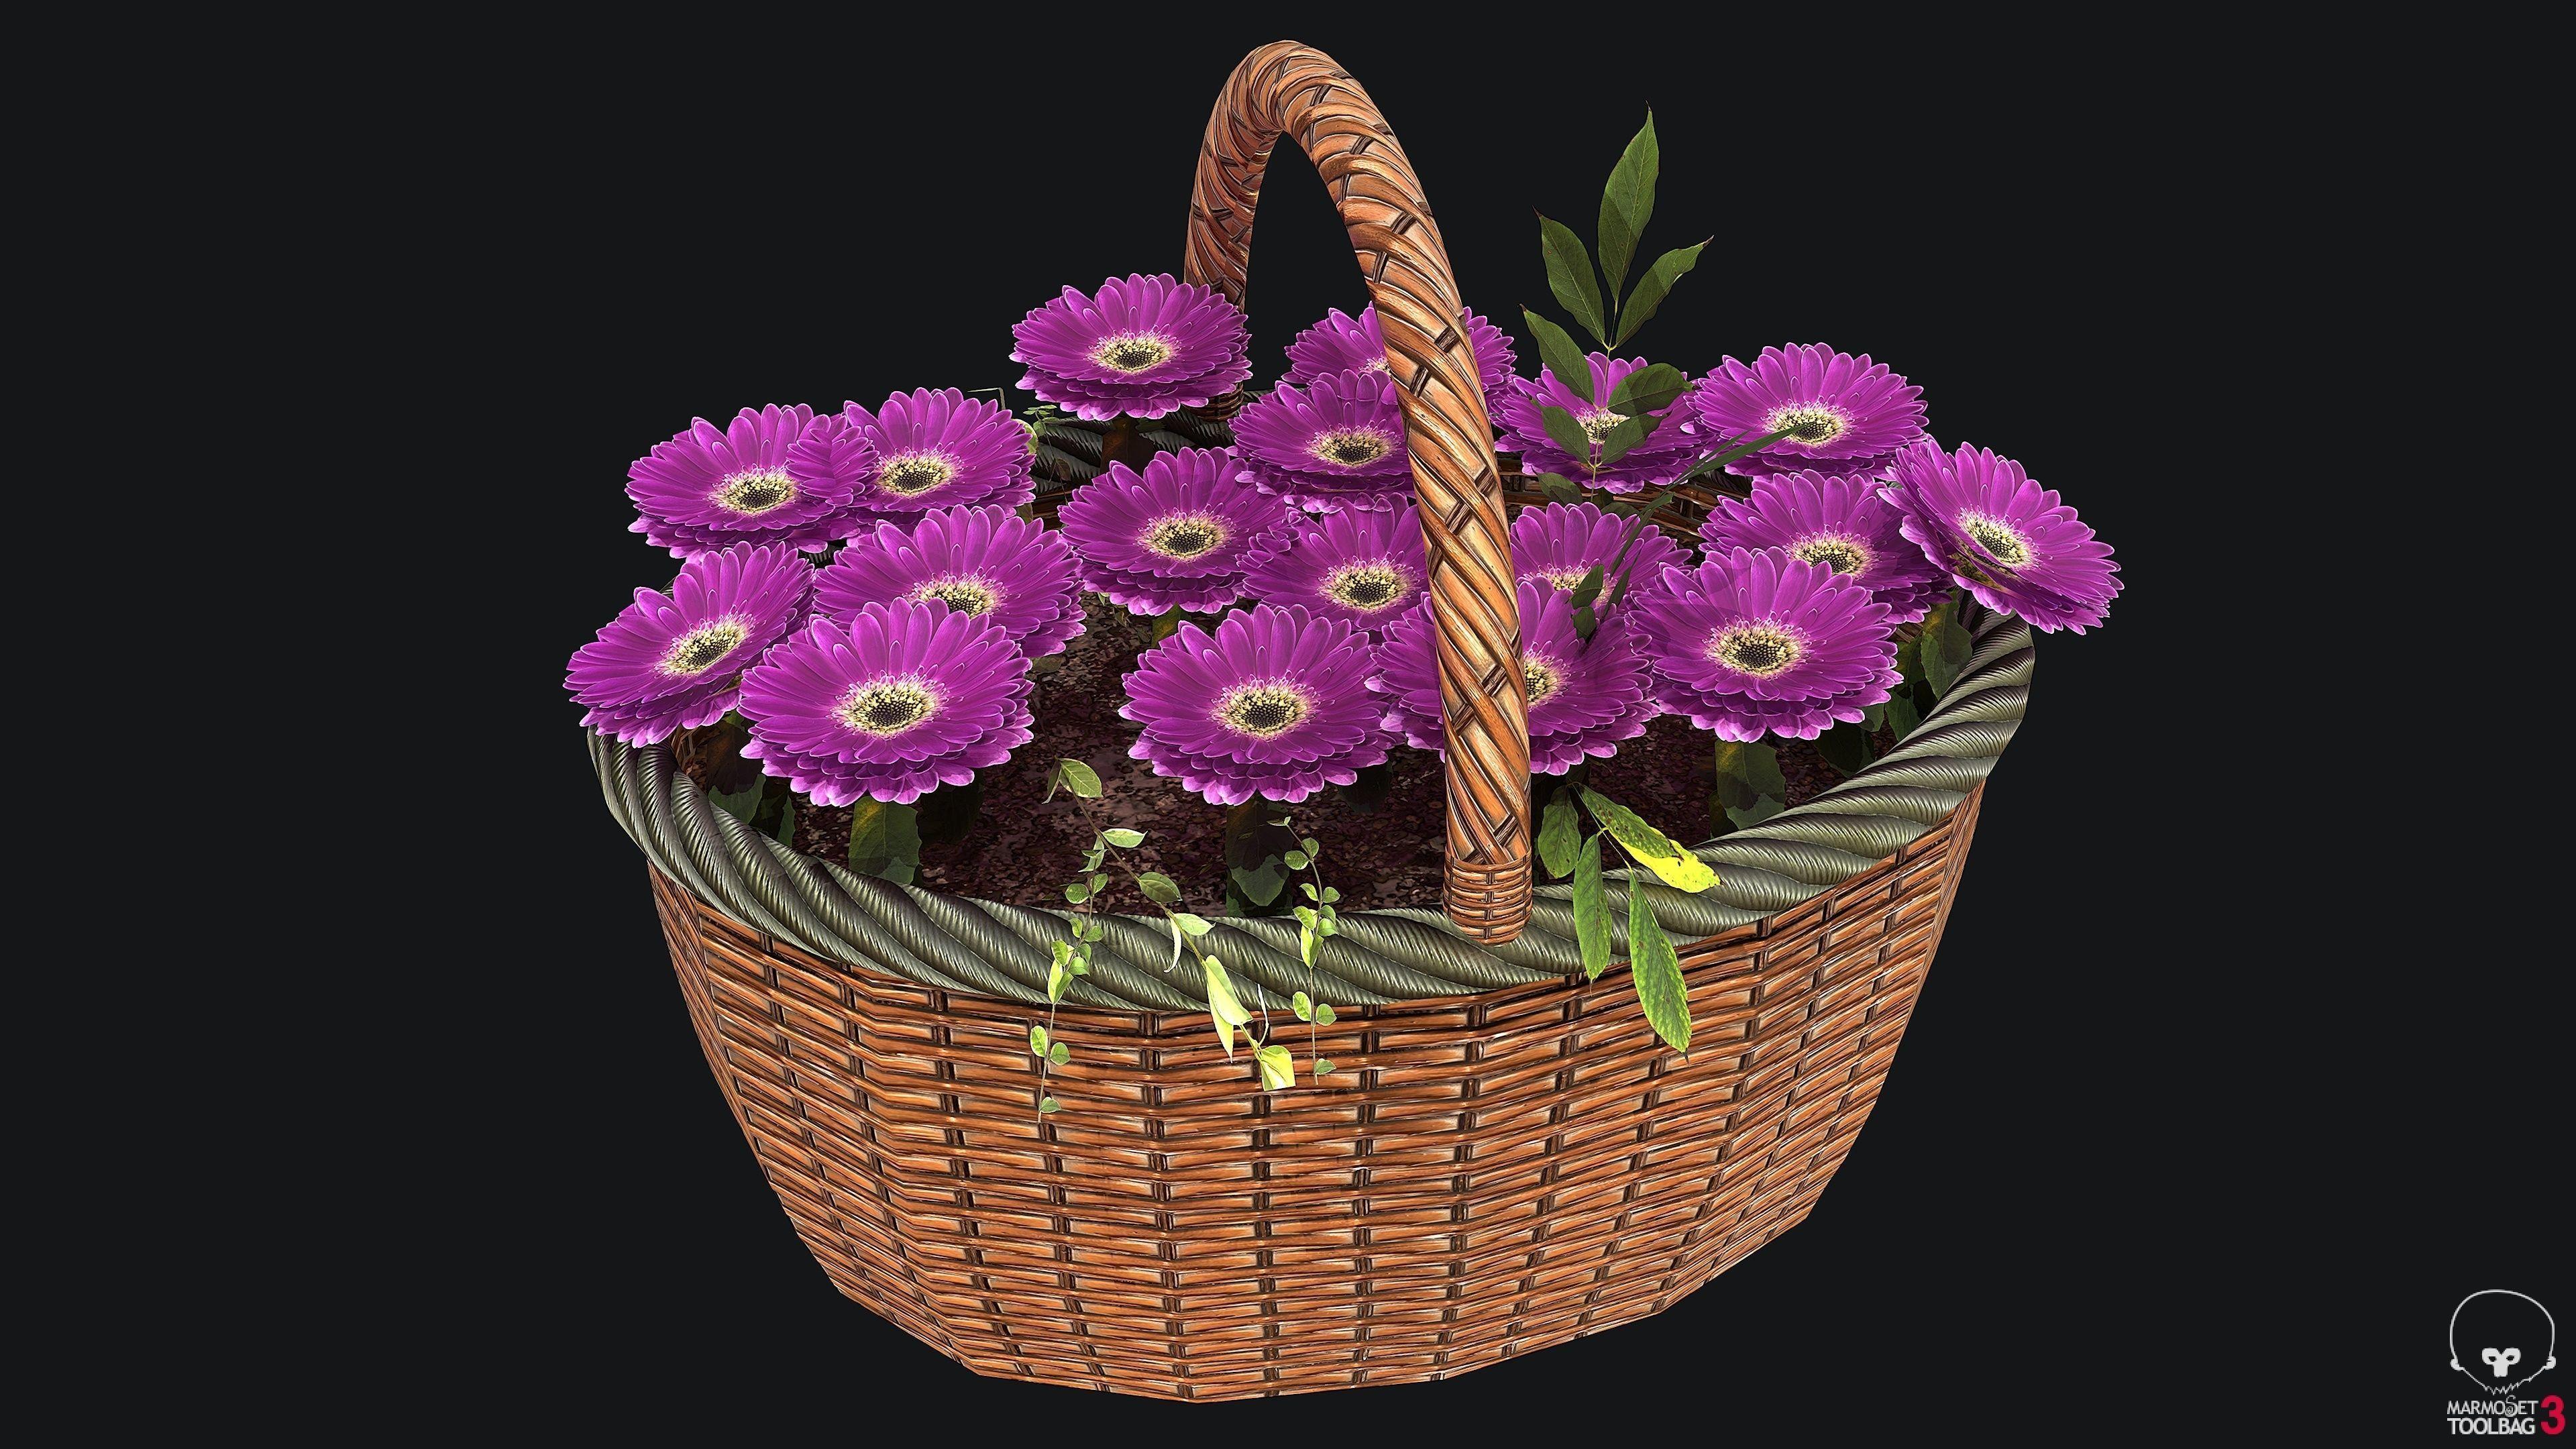 Wicker Basket with Flower PBR